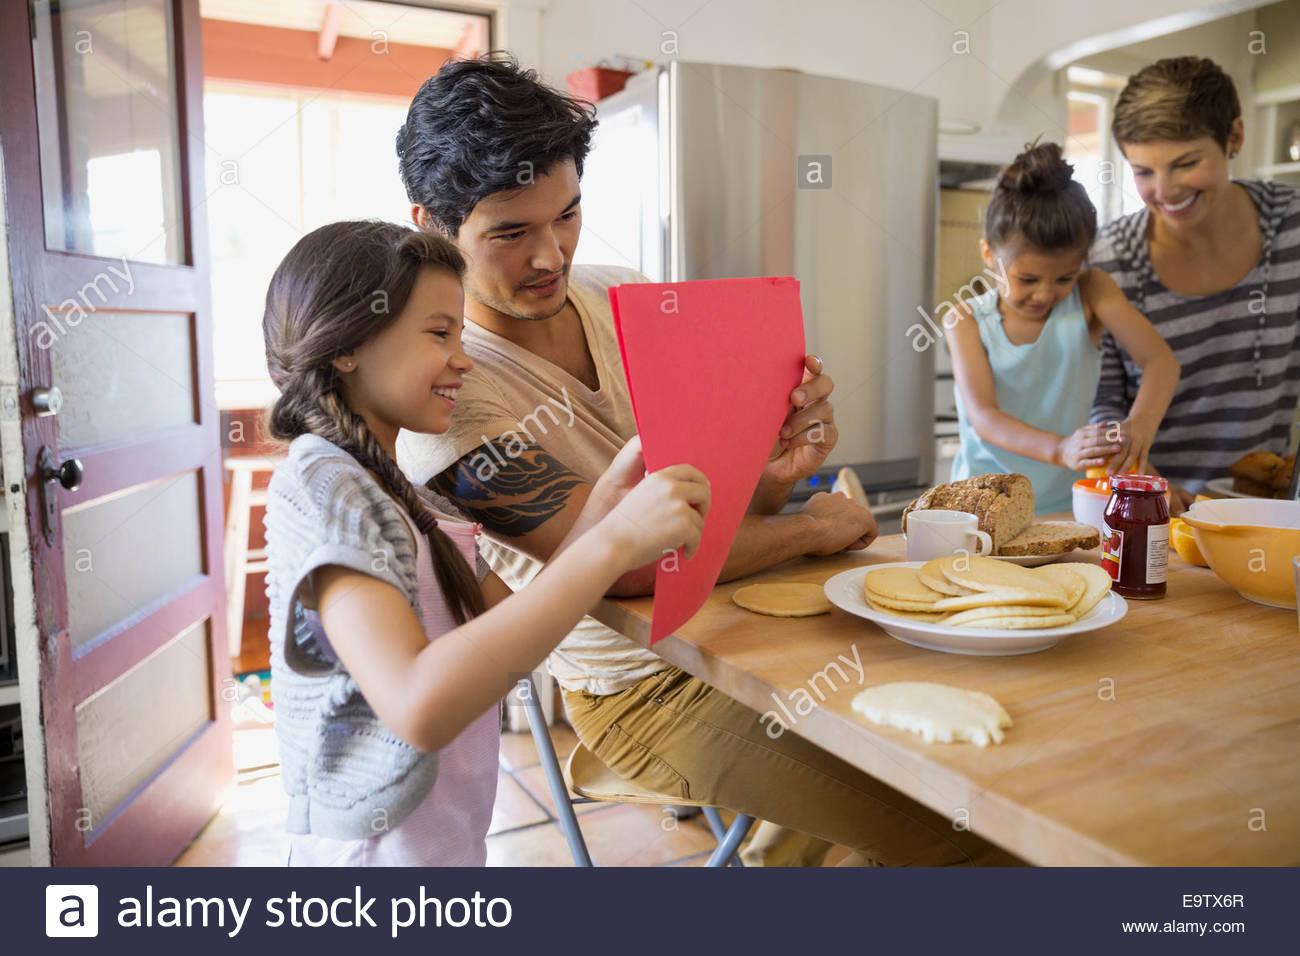 Familia disfrutando del desayuno en la cocina Imagen De Stock